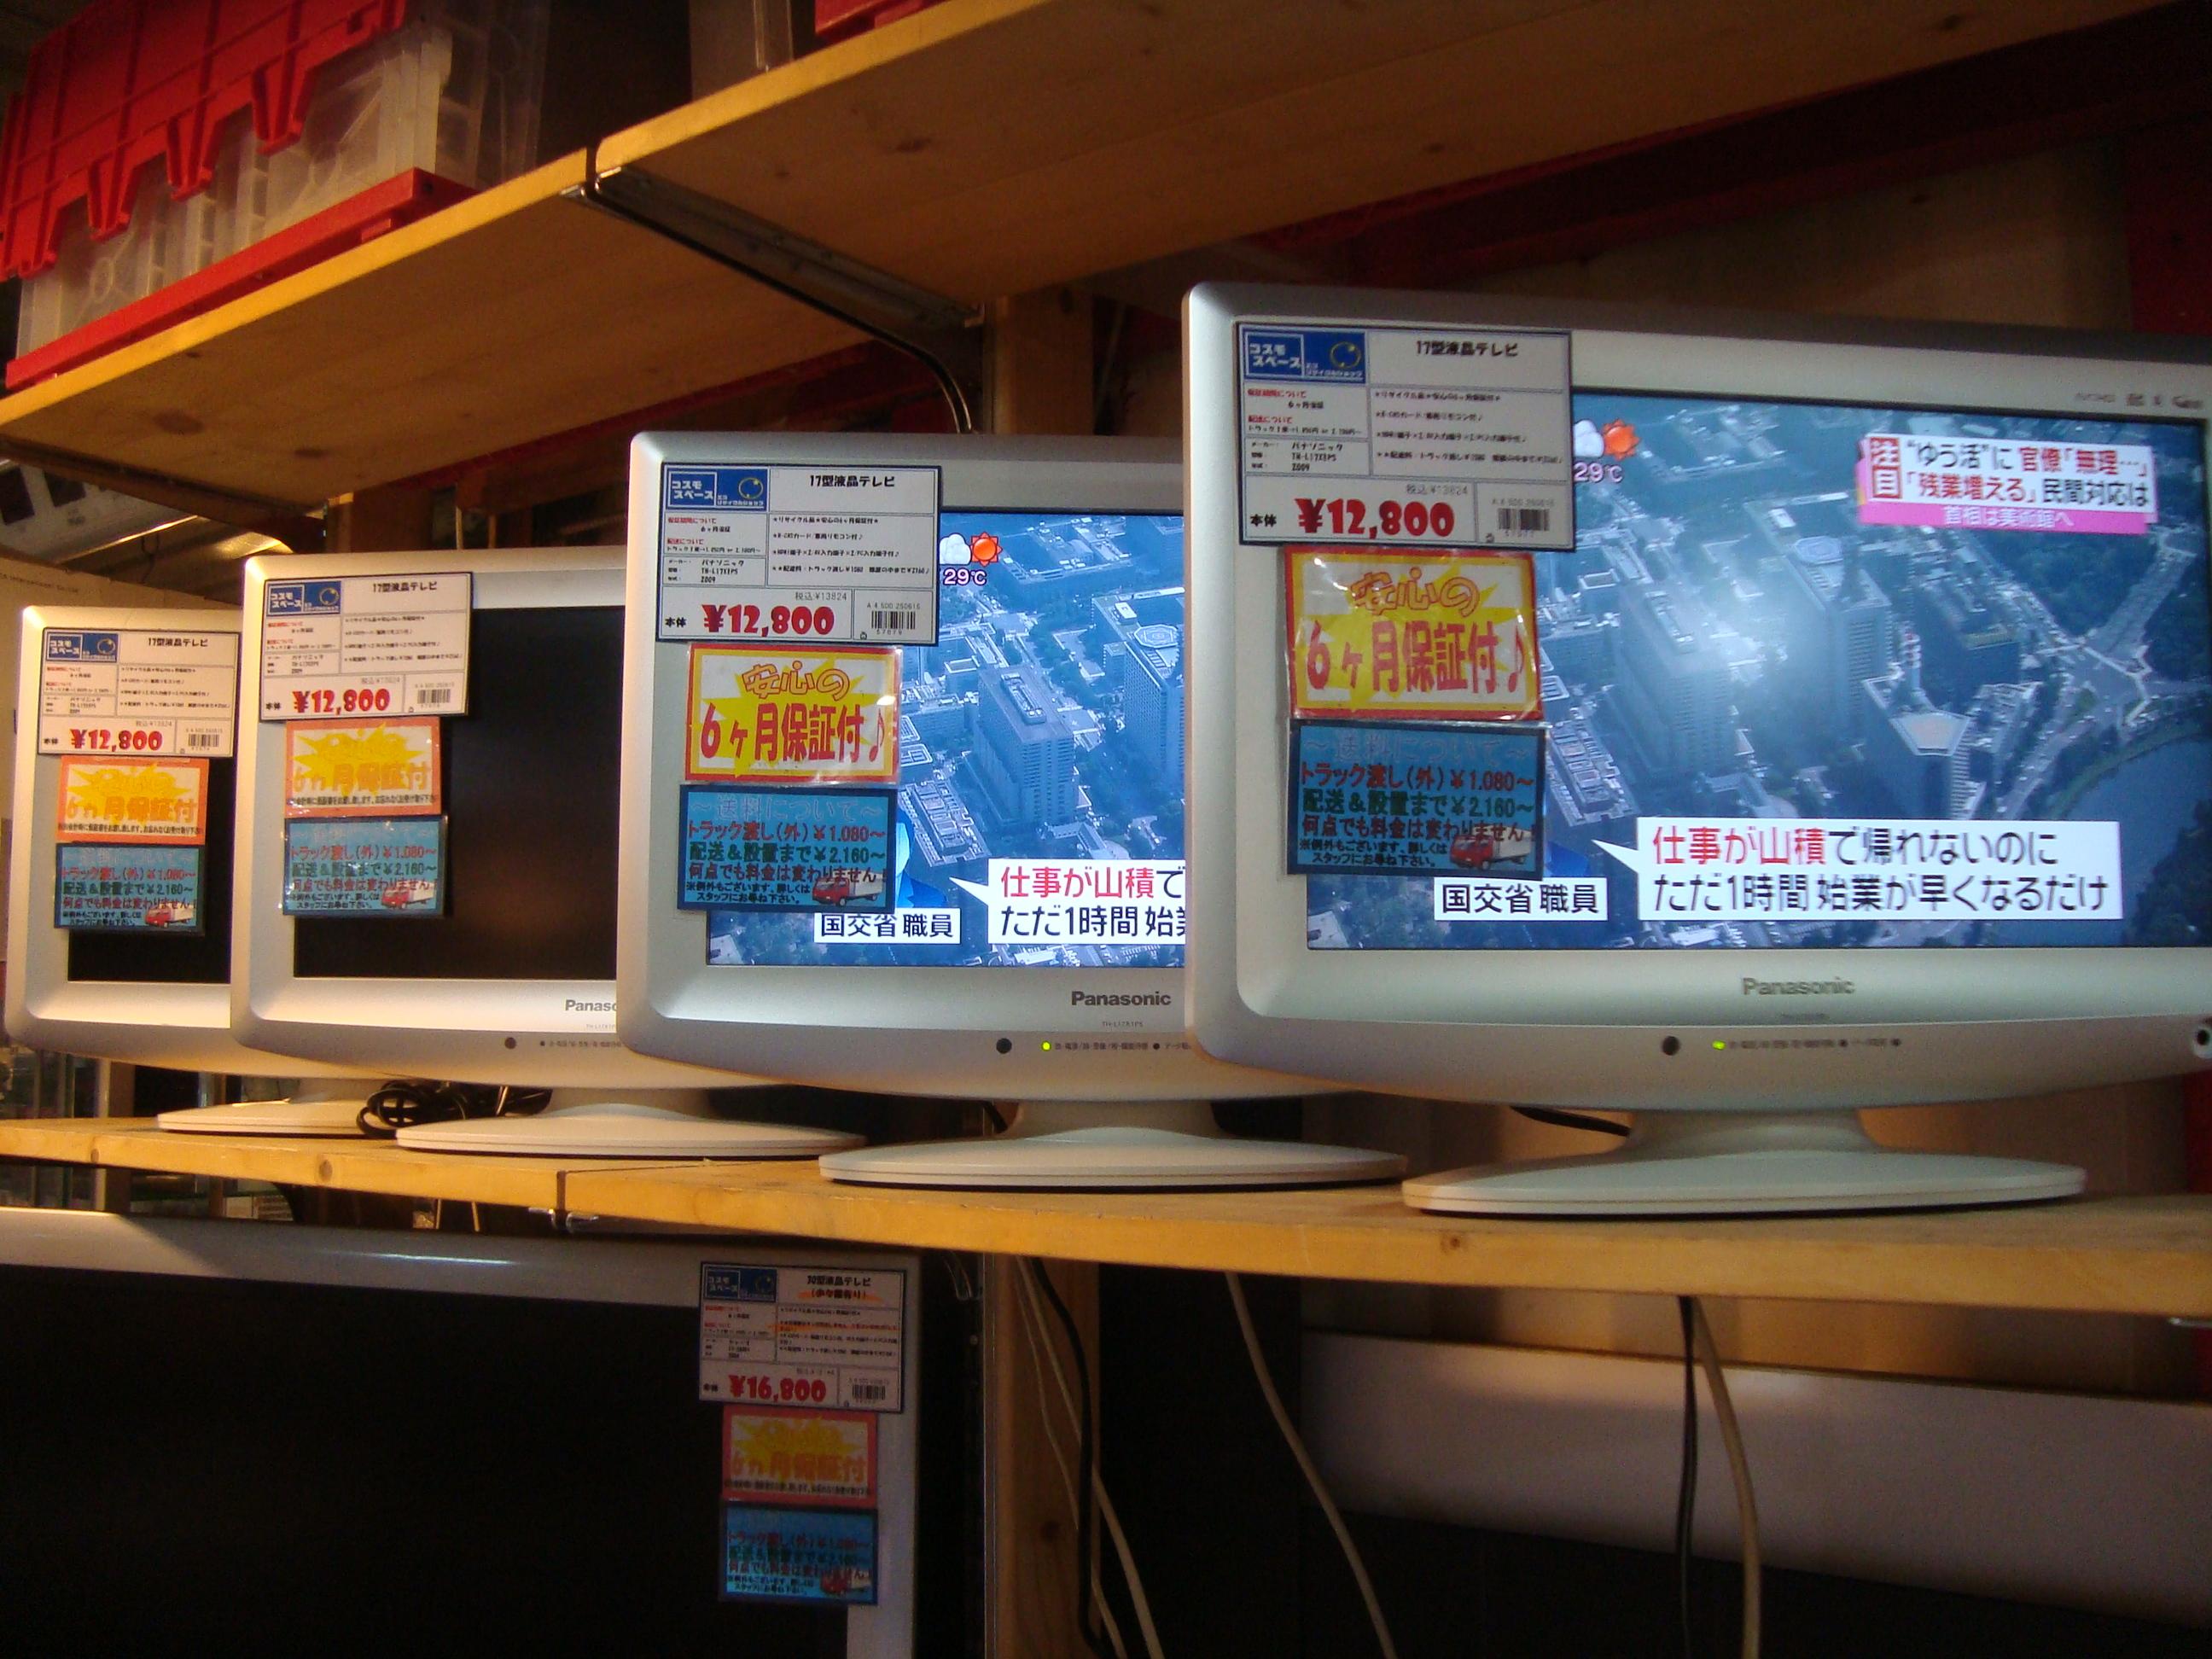 戸田テレビ1